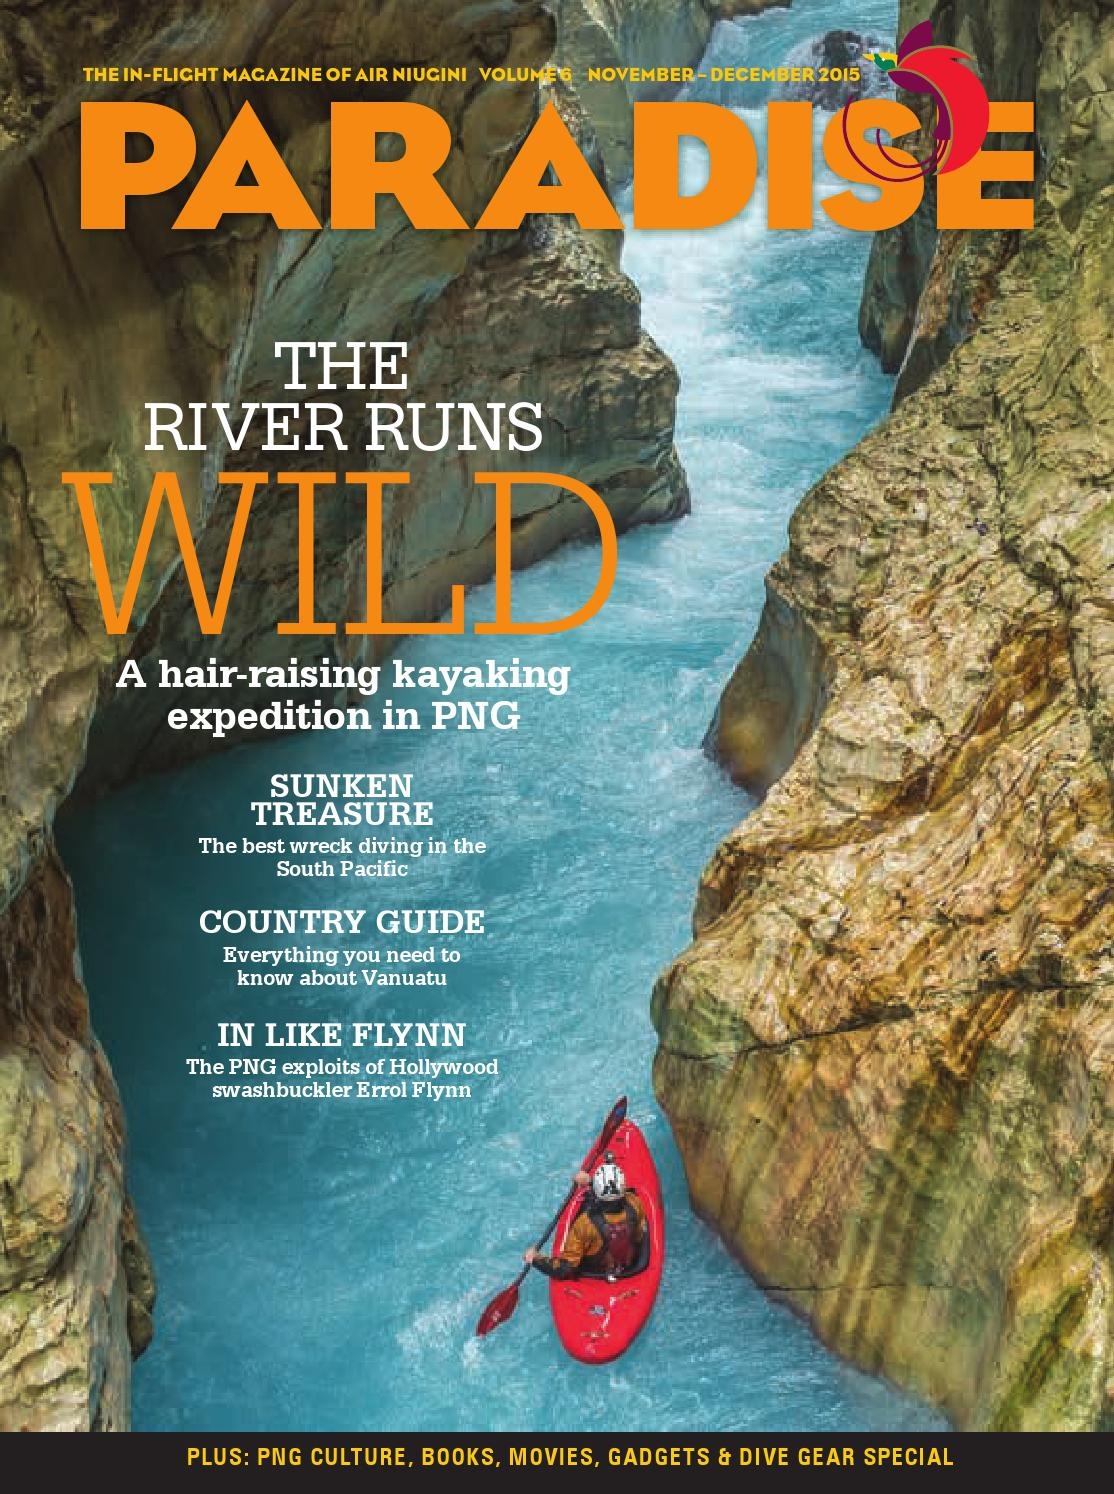 Paradise: the in-flight magazine of Air Niugini, November